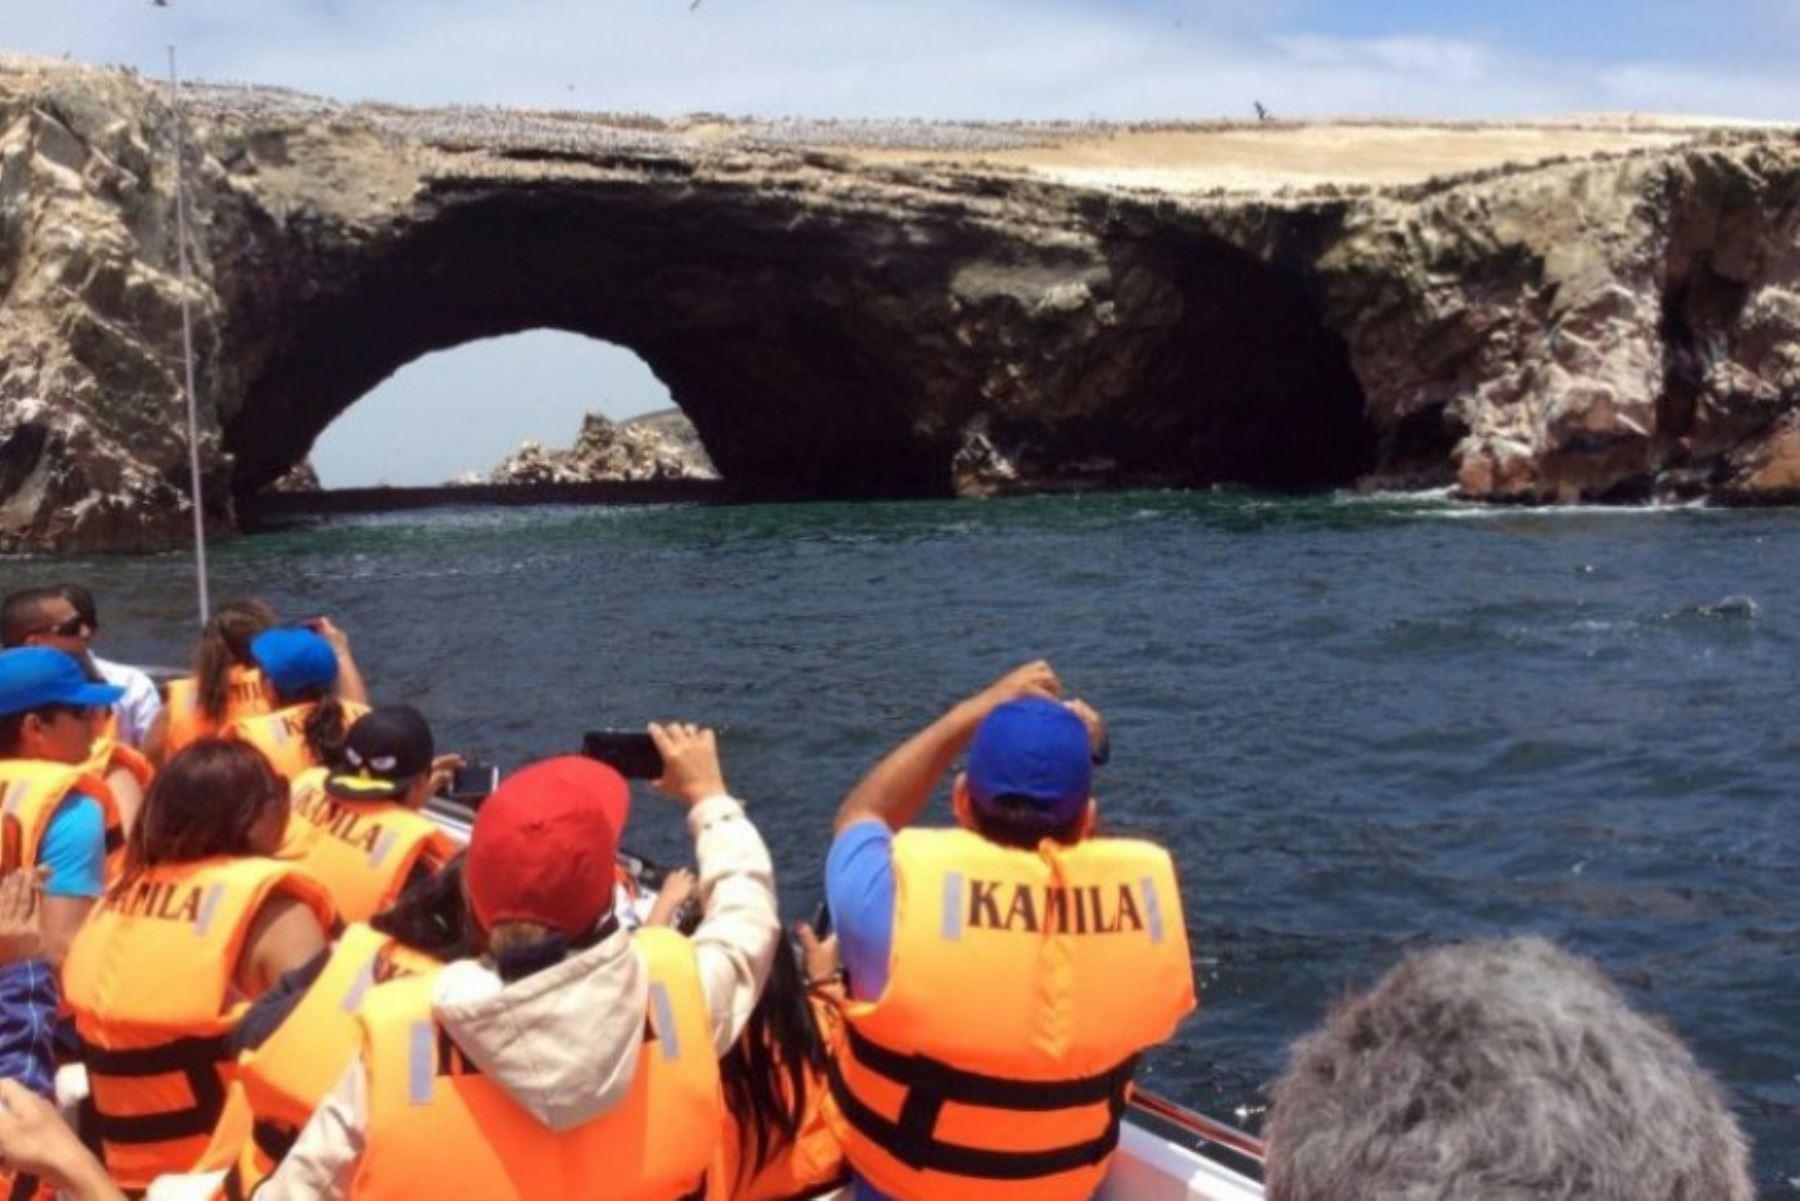 Más de 50,000 turistas, que dejarían cuatro millones de dólares en divisas, se prevé que visiten el balneario de Paracas, en la provincia de Pisco, región Ica.